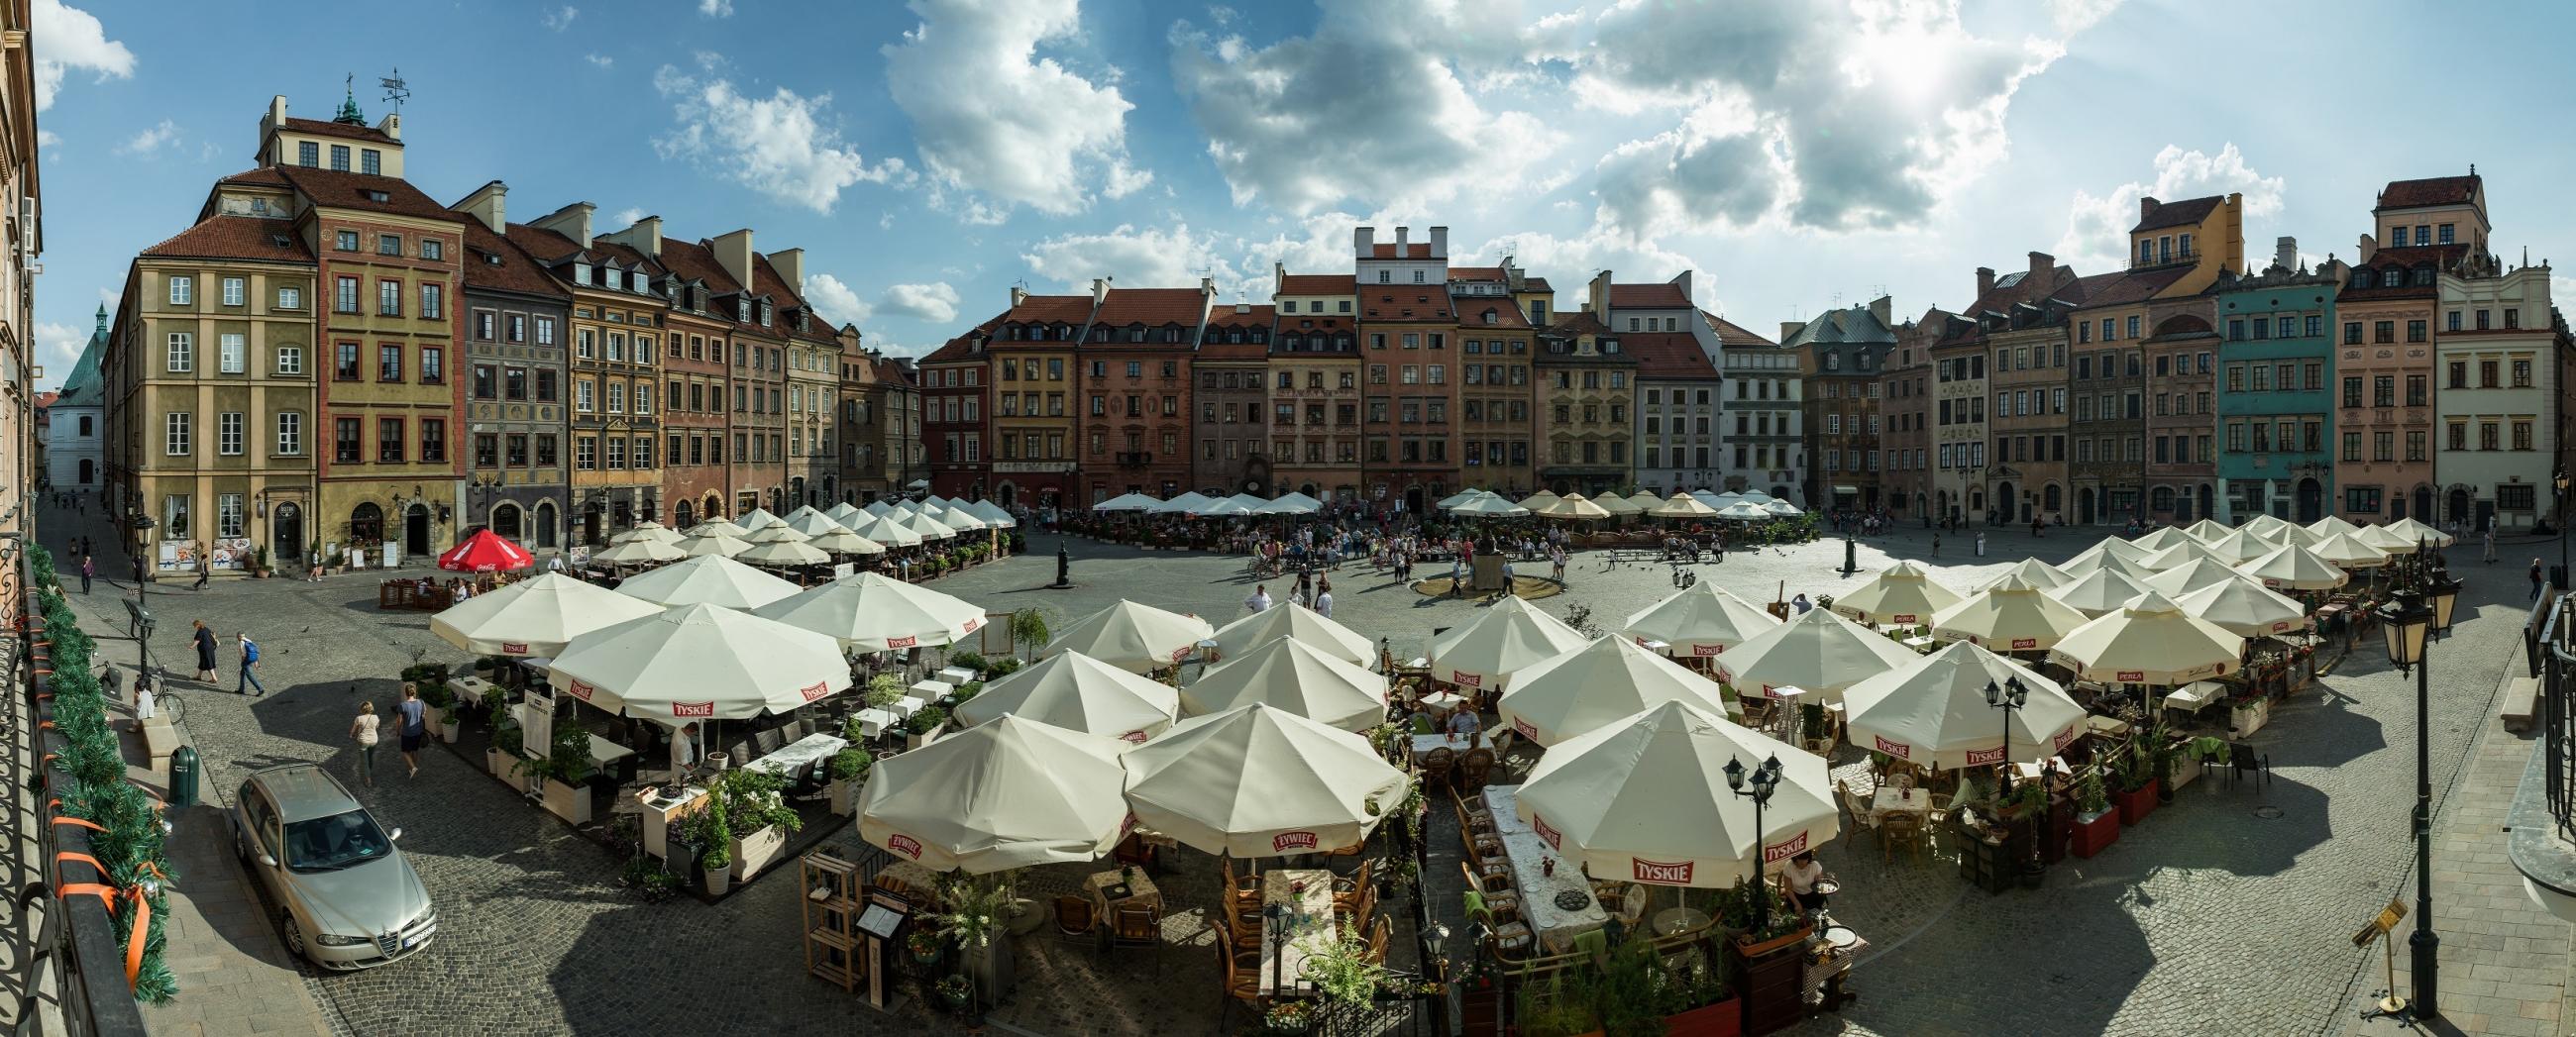 Gamla stan i Warszawa är en i högsta grad levande del av den polska huvudstaden.